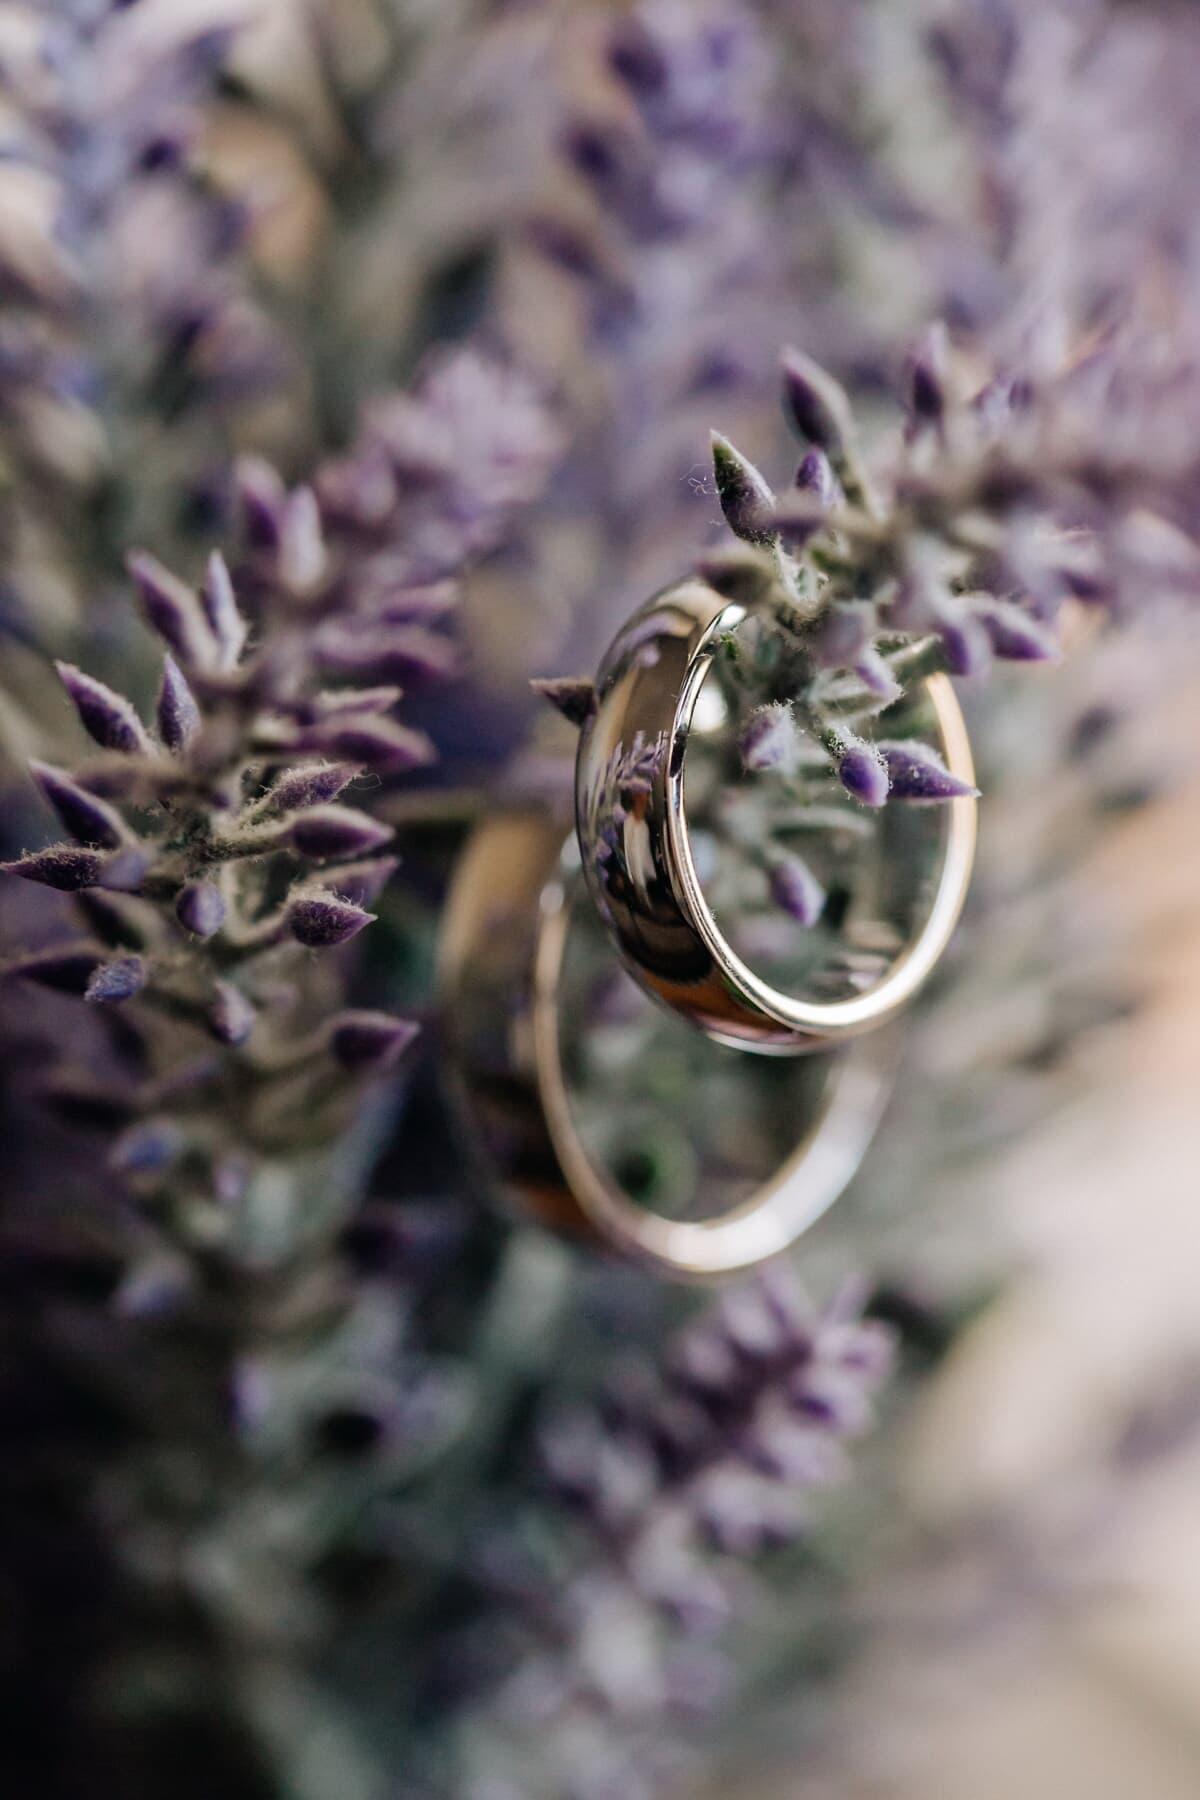 prstenje, makro, izbliza, sija, zlatni sjaj, fokus, zlato, cvjetni pupoljak, lavanda, biljka